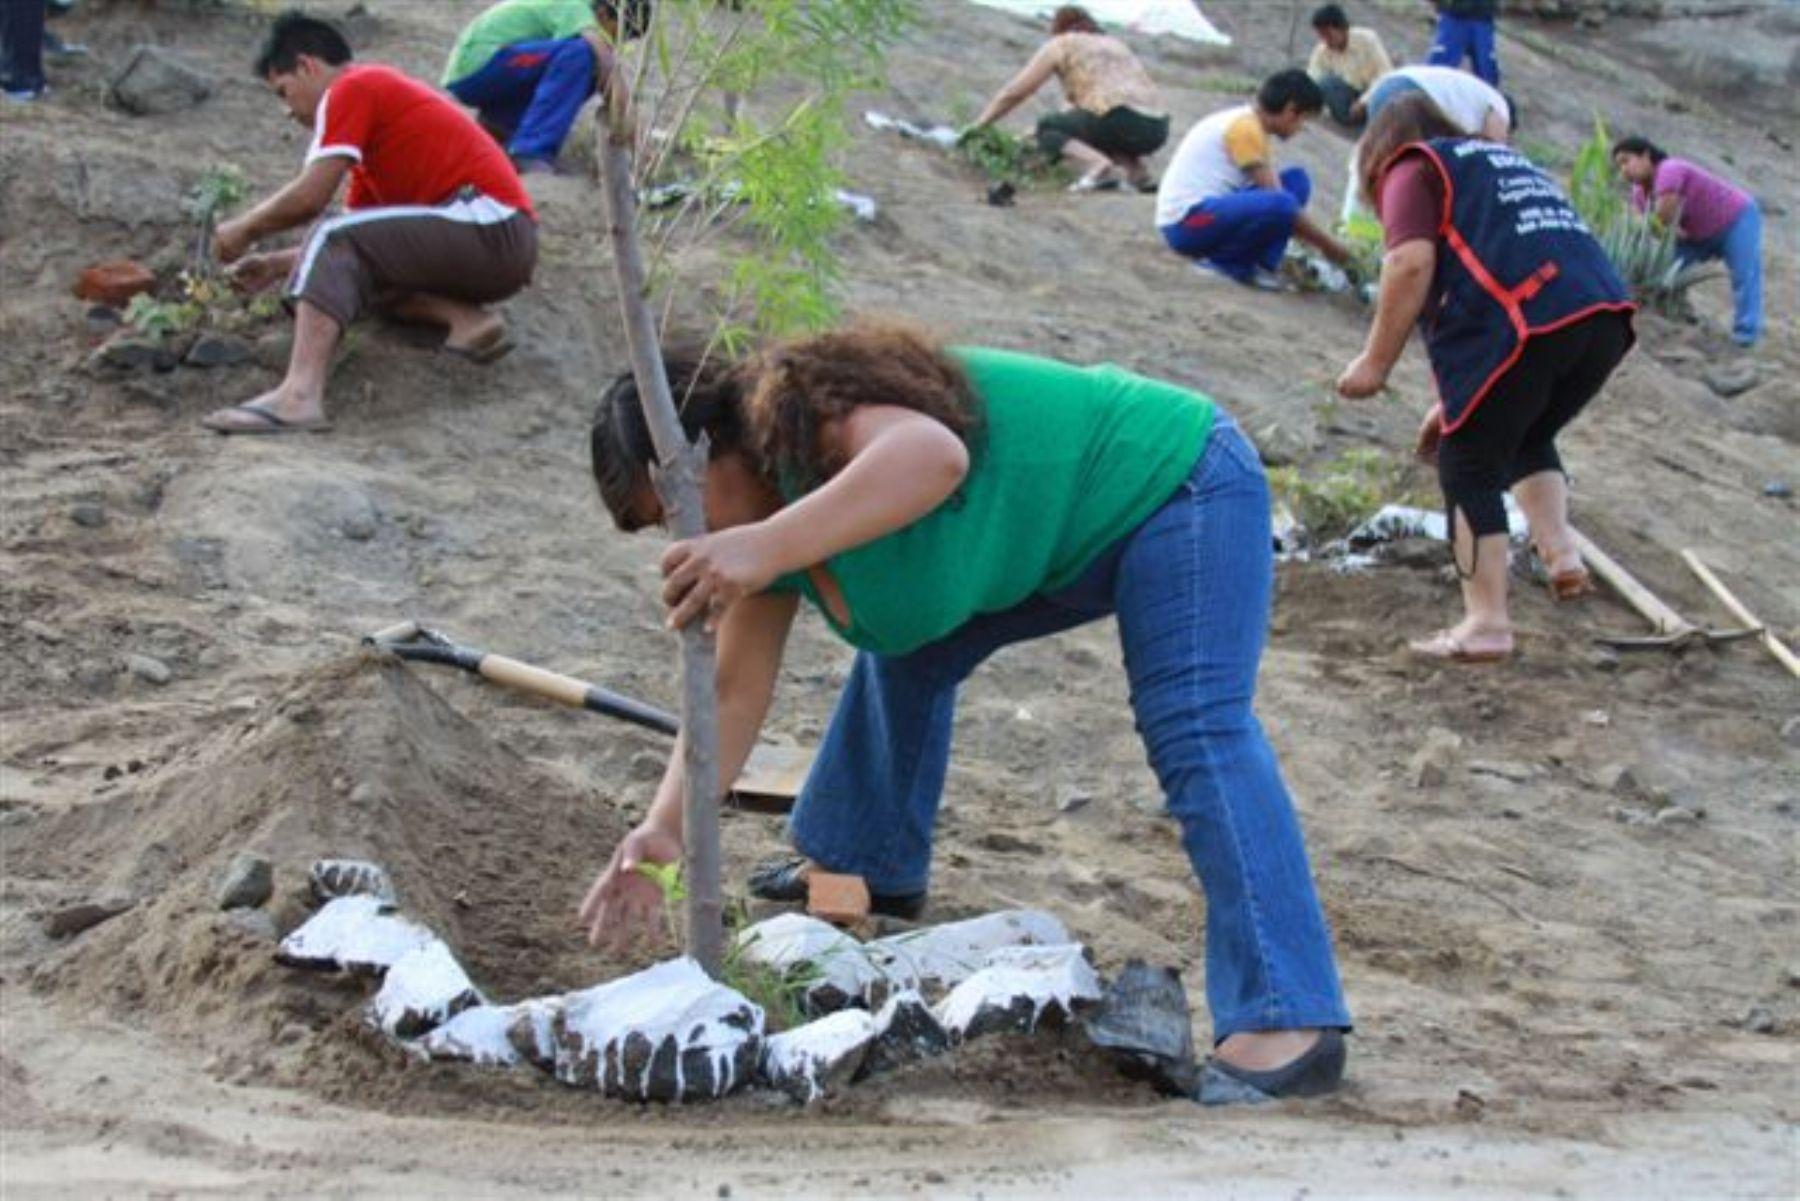 Más de ocho mil personas participaron en la siembra de 27,166 plantas de tara en apenas cinco minutos, 20 segundos y 37 centésimas, que le valió al Perú lograr un récord Guinness. Foto: AgroRural.